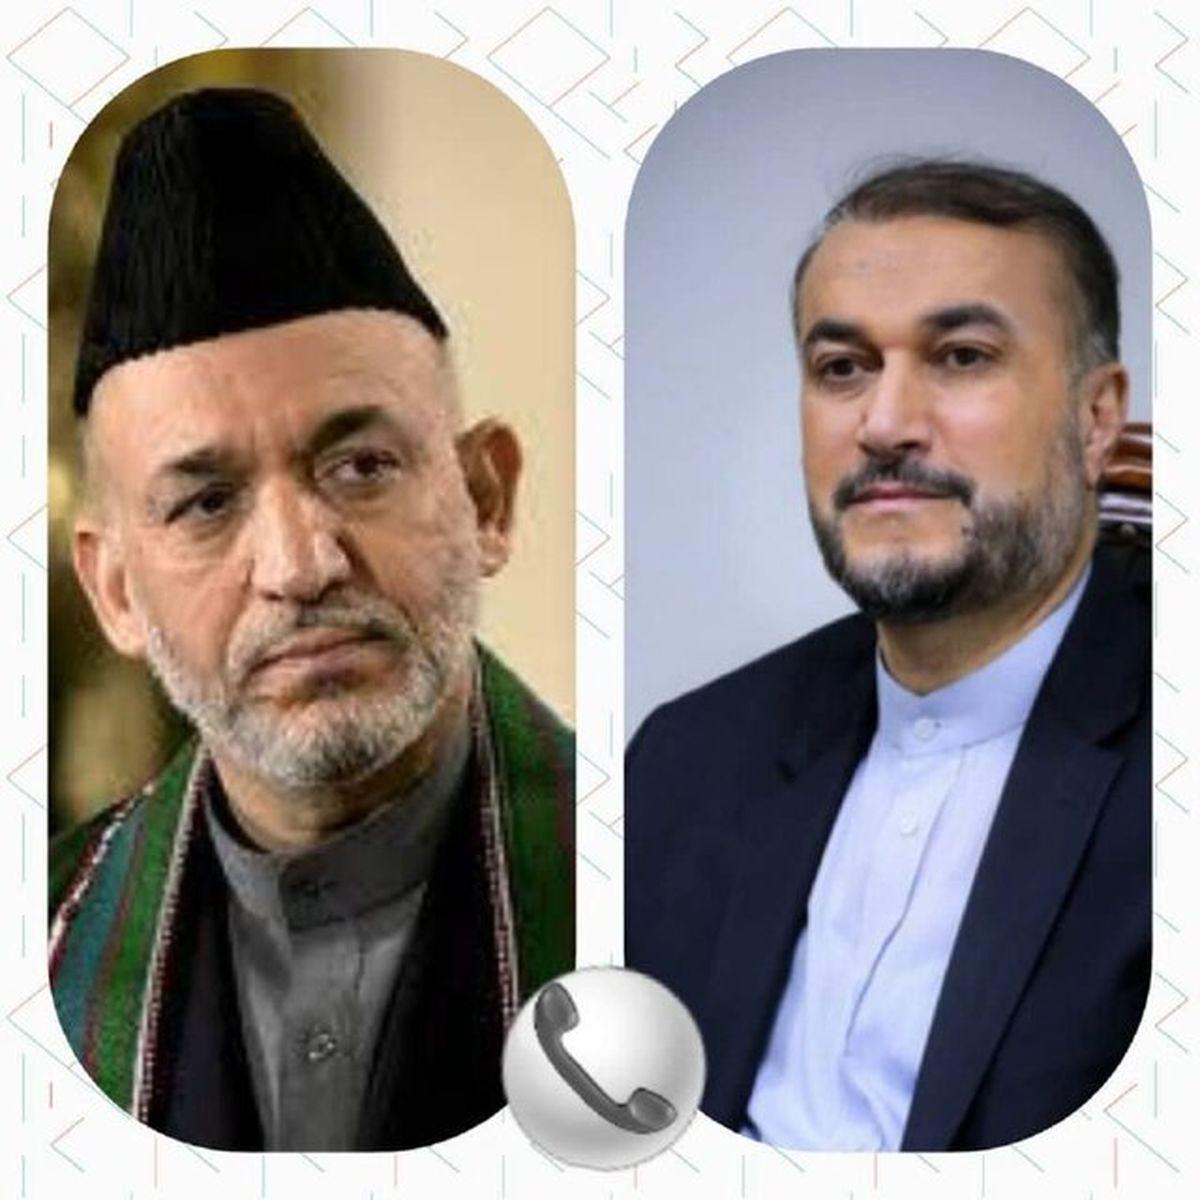 ایران مرزها و گذرگاه های مرزی خود با افغانستان را باز نگه می دارد